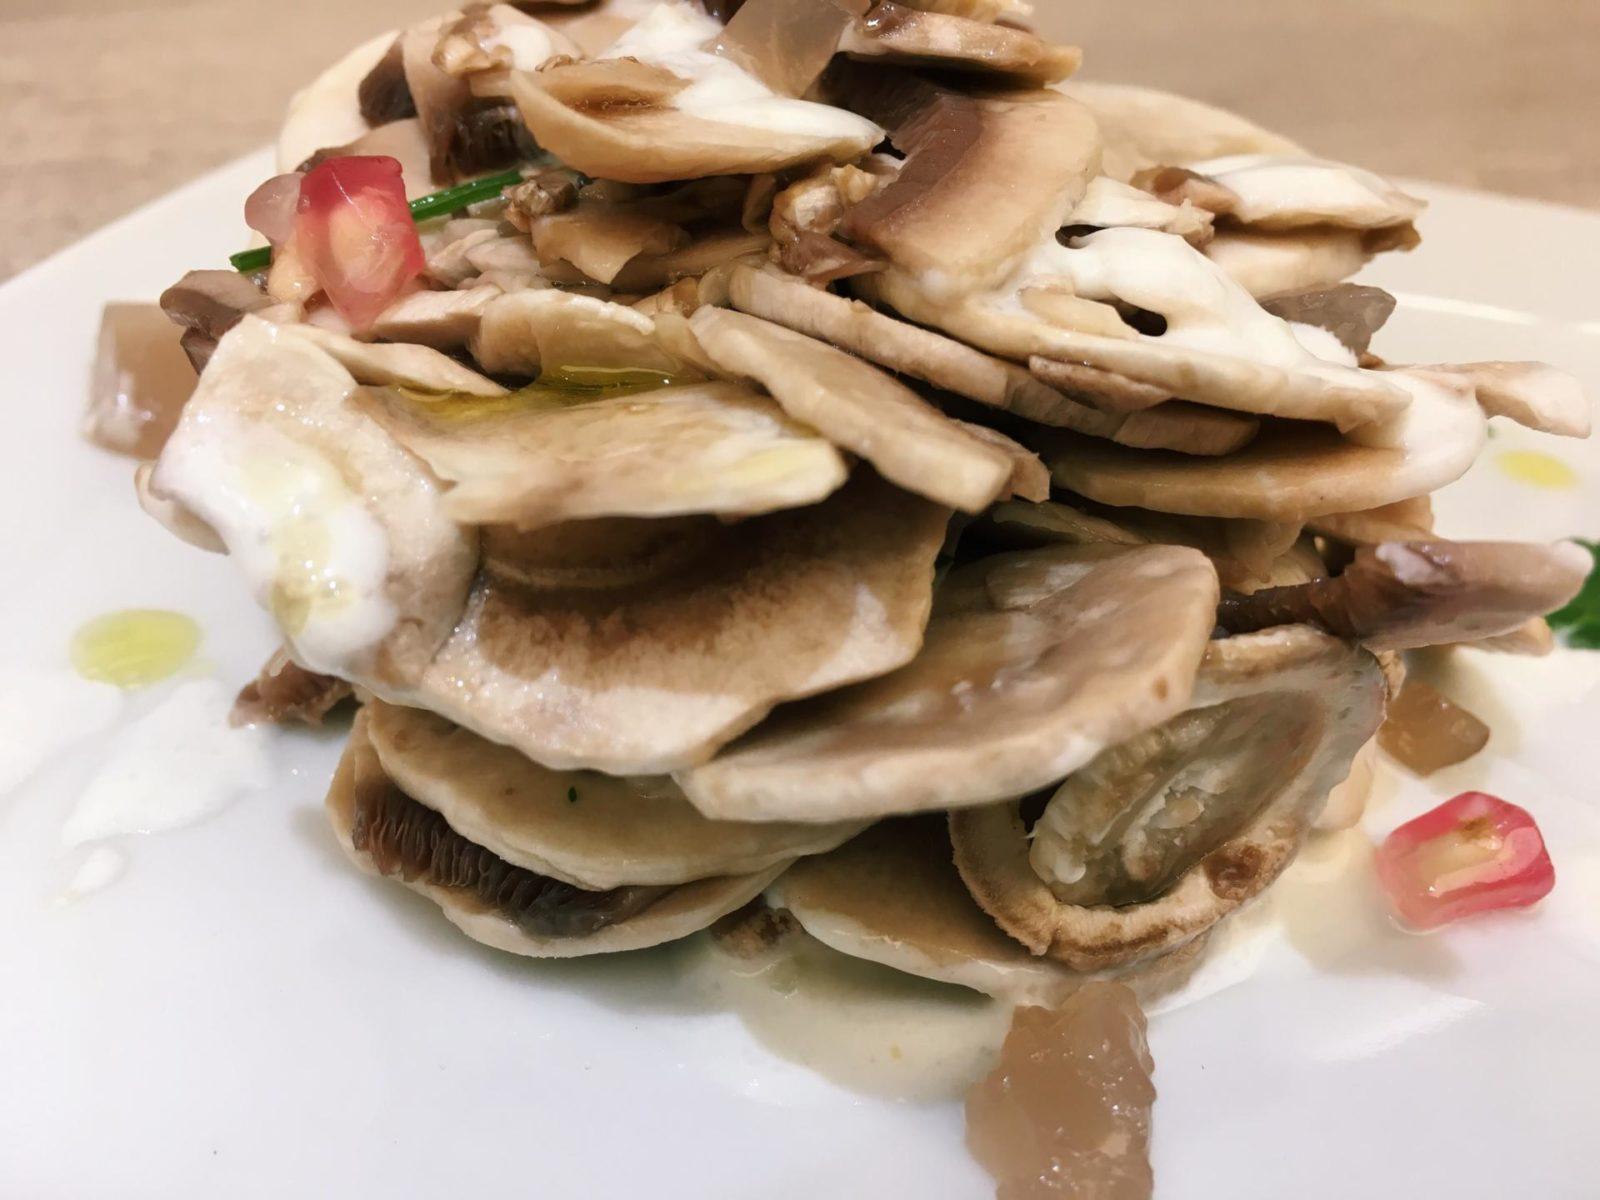 insalata di funghi con gelatina di melagrane e salsa al pecorino